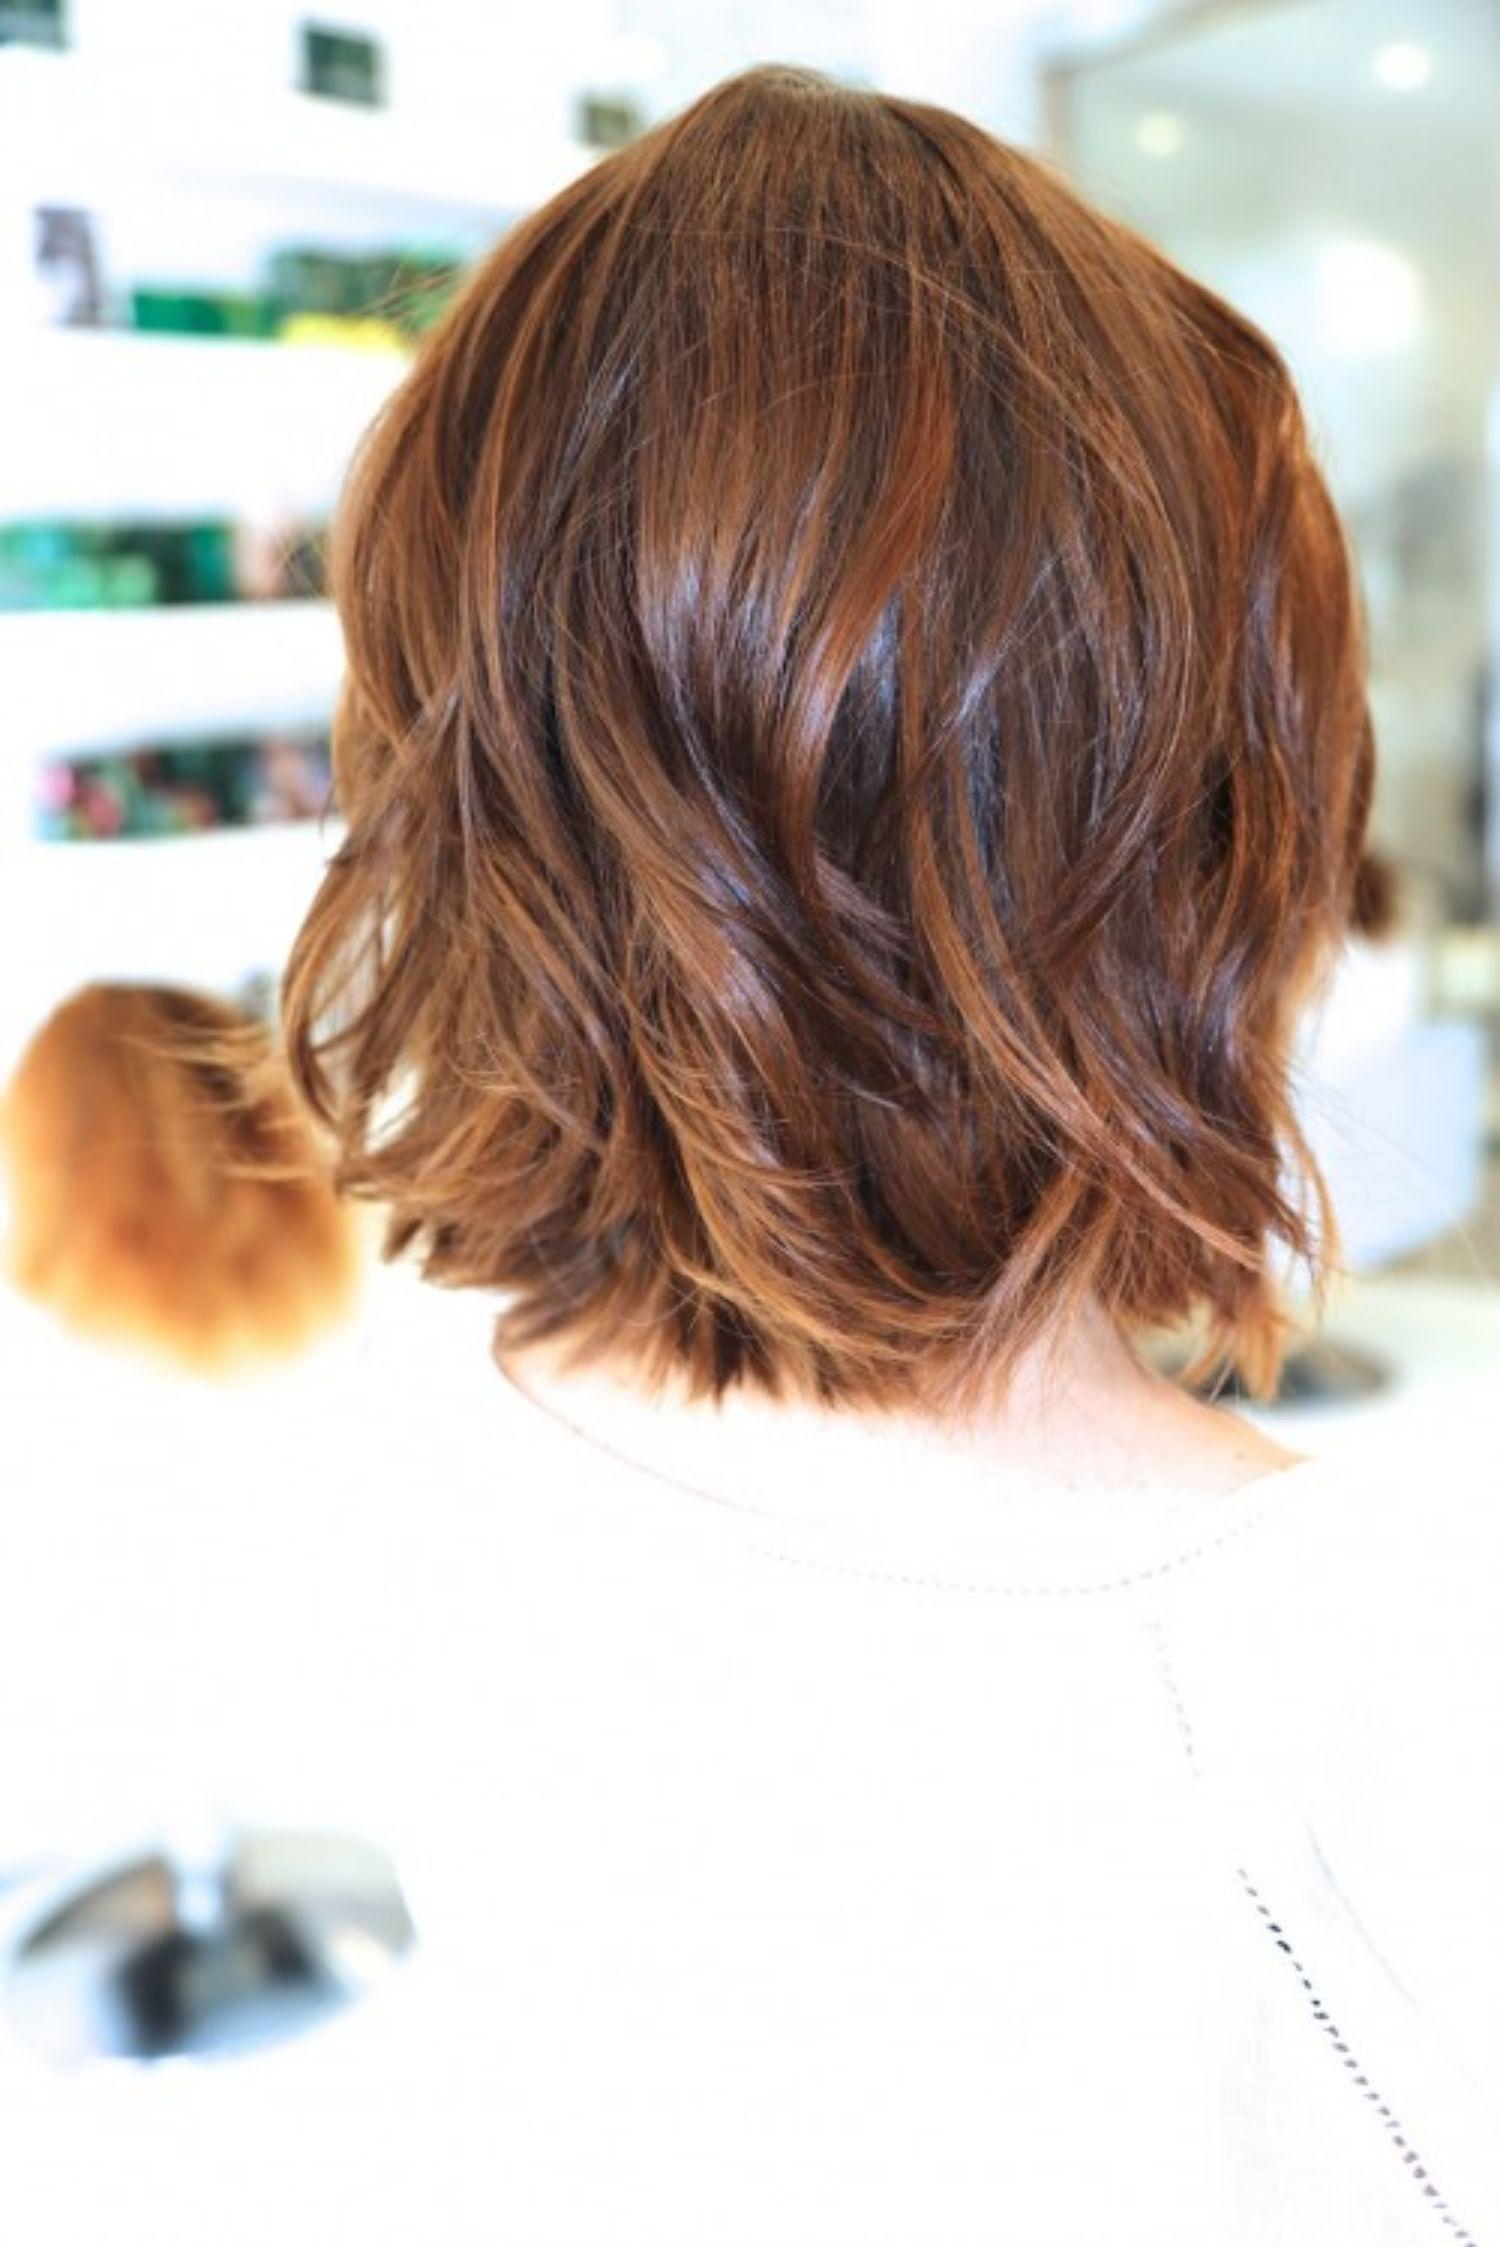 Modern Shag Haircut For Thick Hair Modern Shag Haircut Shag Haircut Thick Hair Styles